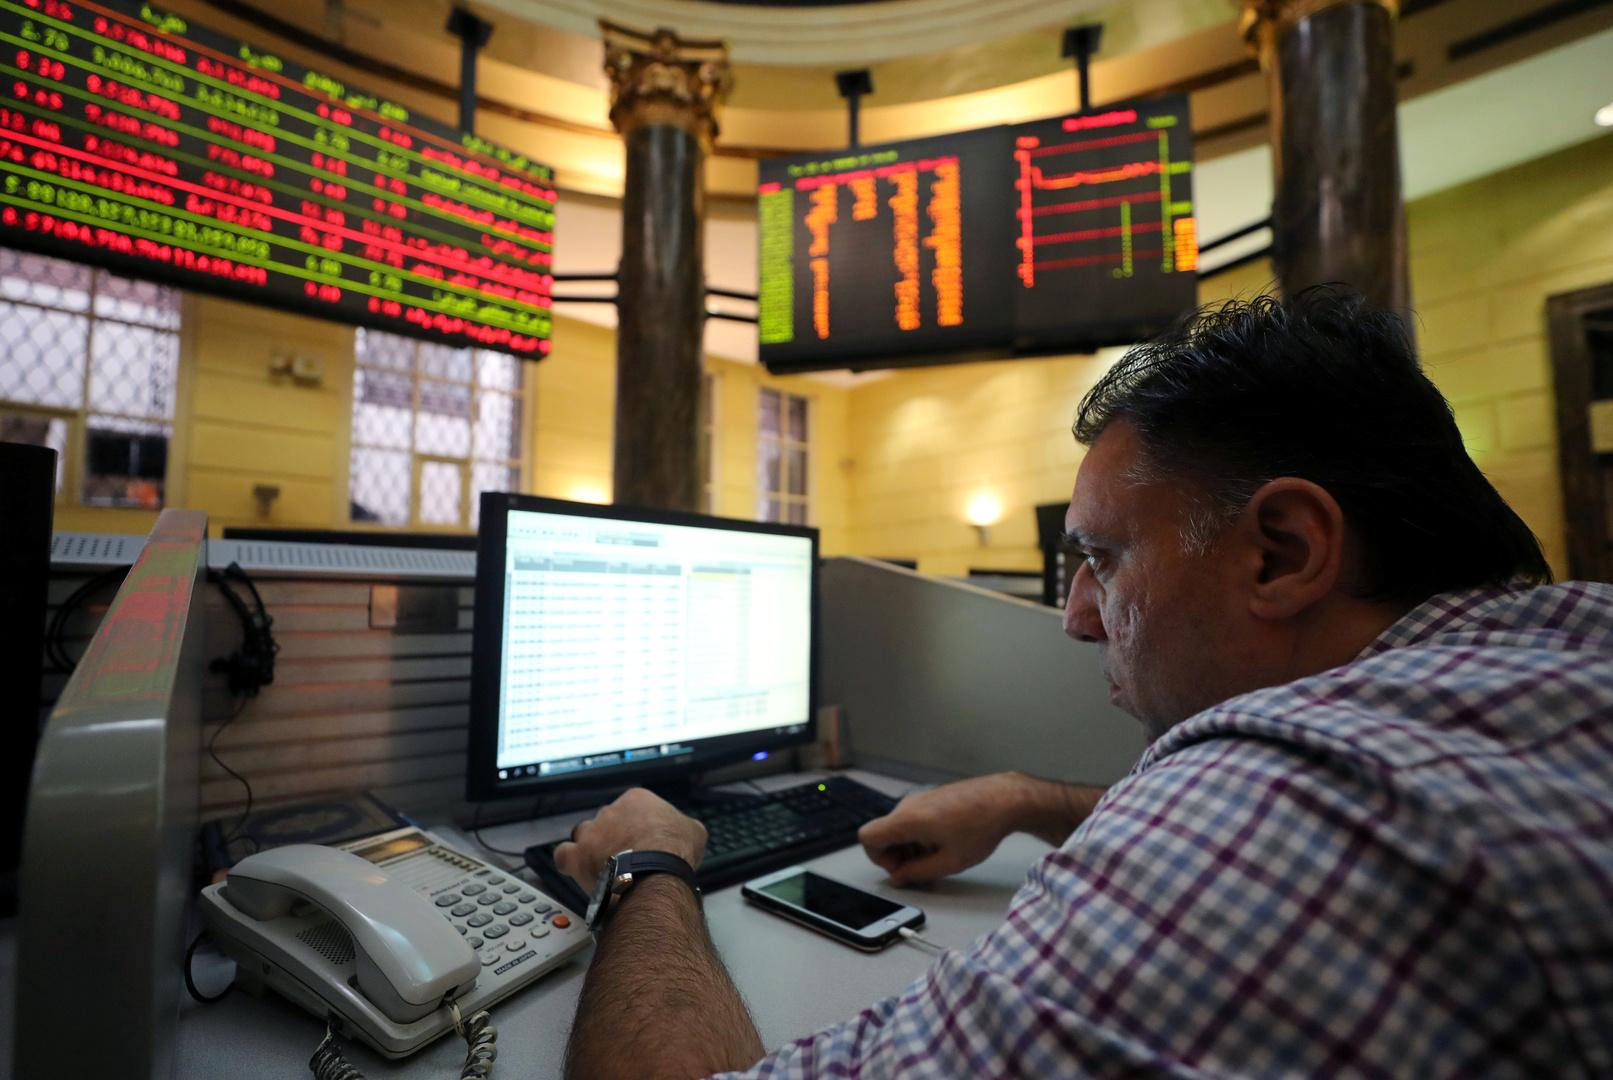 البورصة المصرية تربح 7.5 مليار جنيه في نصف ساعة